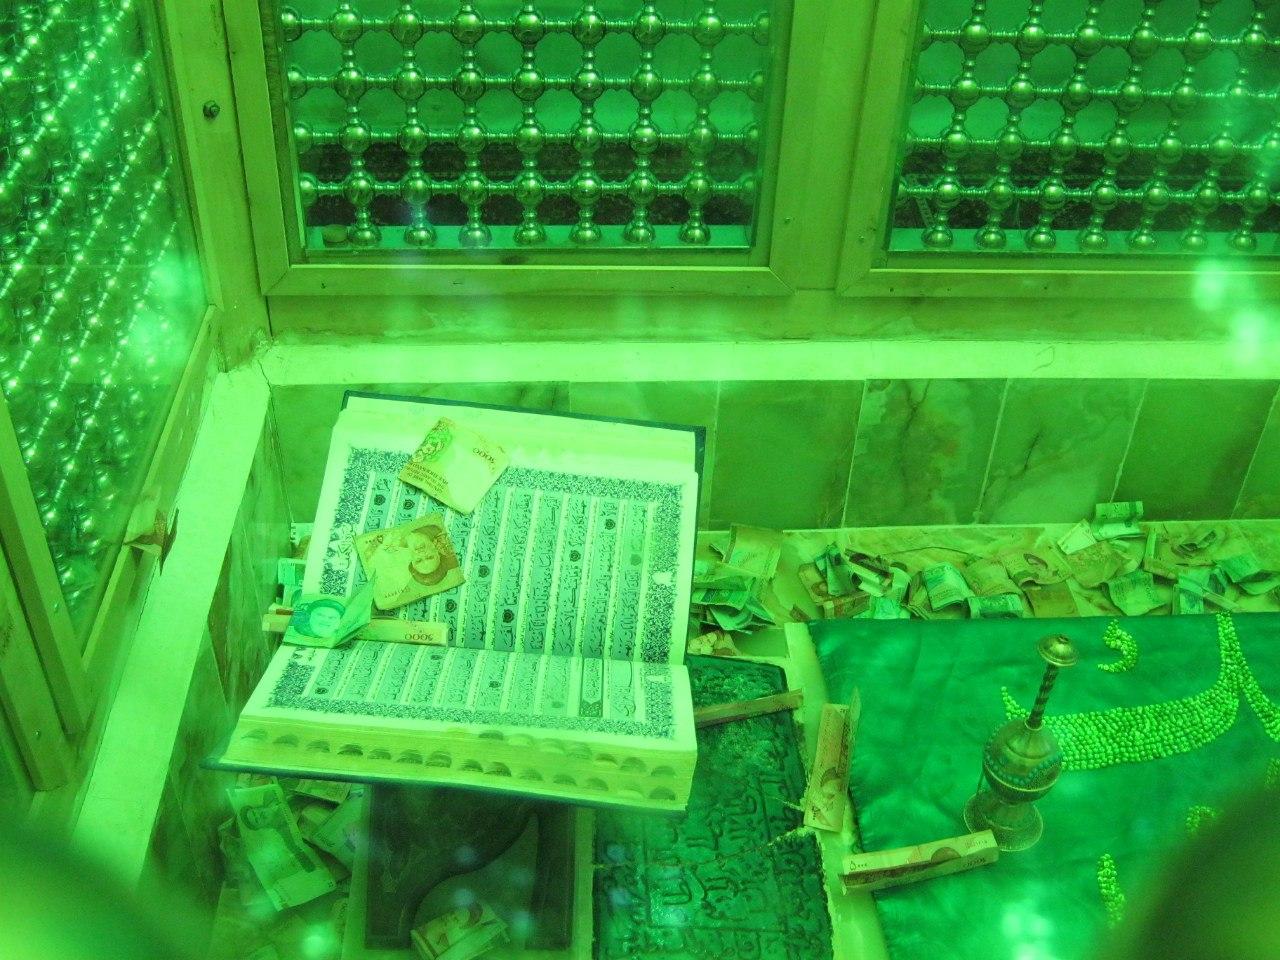 гробницы в иранских имамзаде